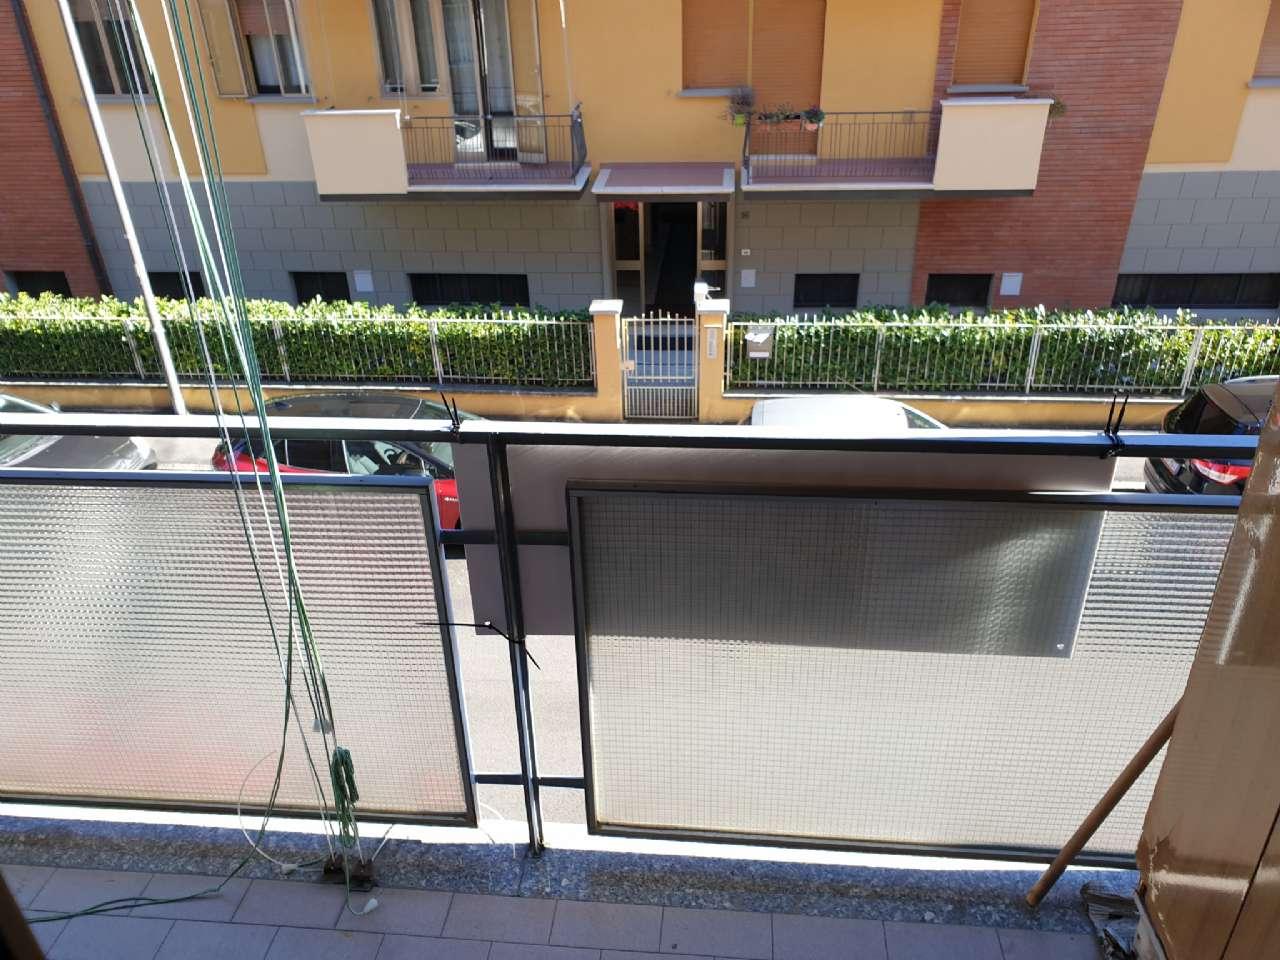 Quadrilocale, Via Augusto Pulega, Zona Barca, Bologna, foto 18